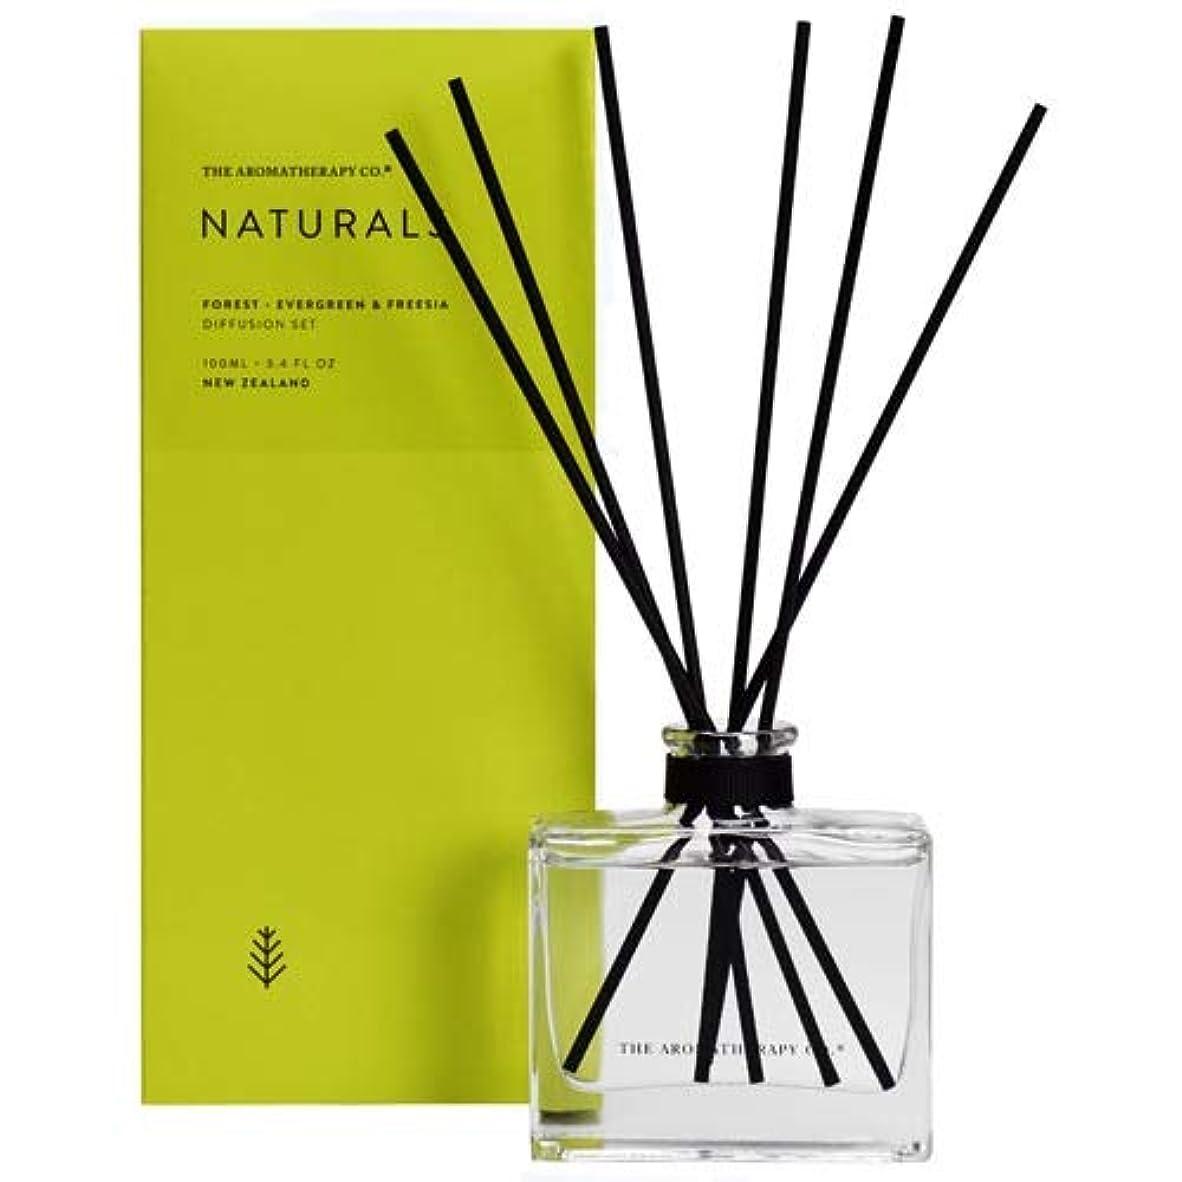 クアッガフロンティア我慢するアロマセラピーカンパニー(Aromatherapy Company) new NATURALS ナチュラルズ Diffusion Stick ディフュージョンスティック Forest フォレスト(森林) Evergreen...